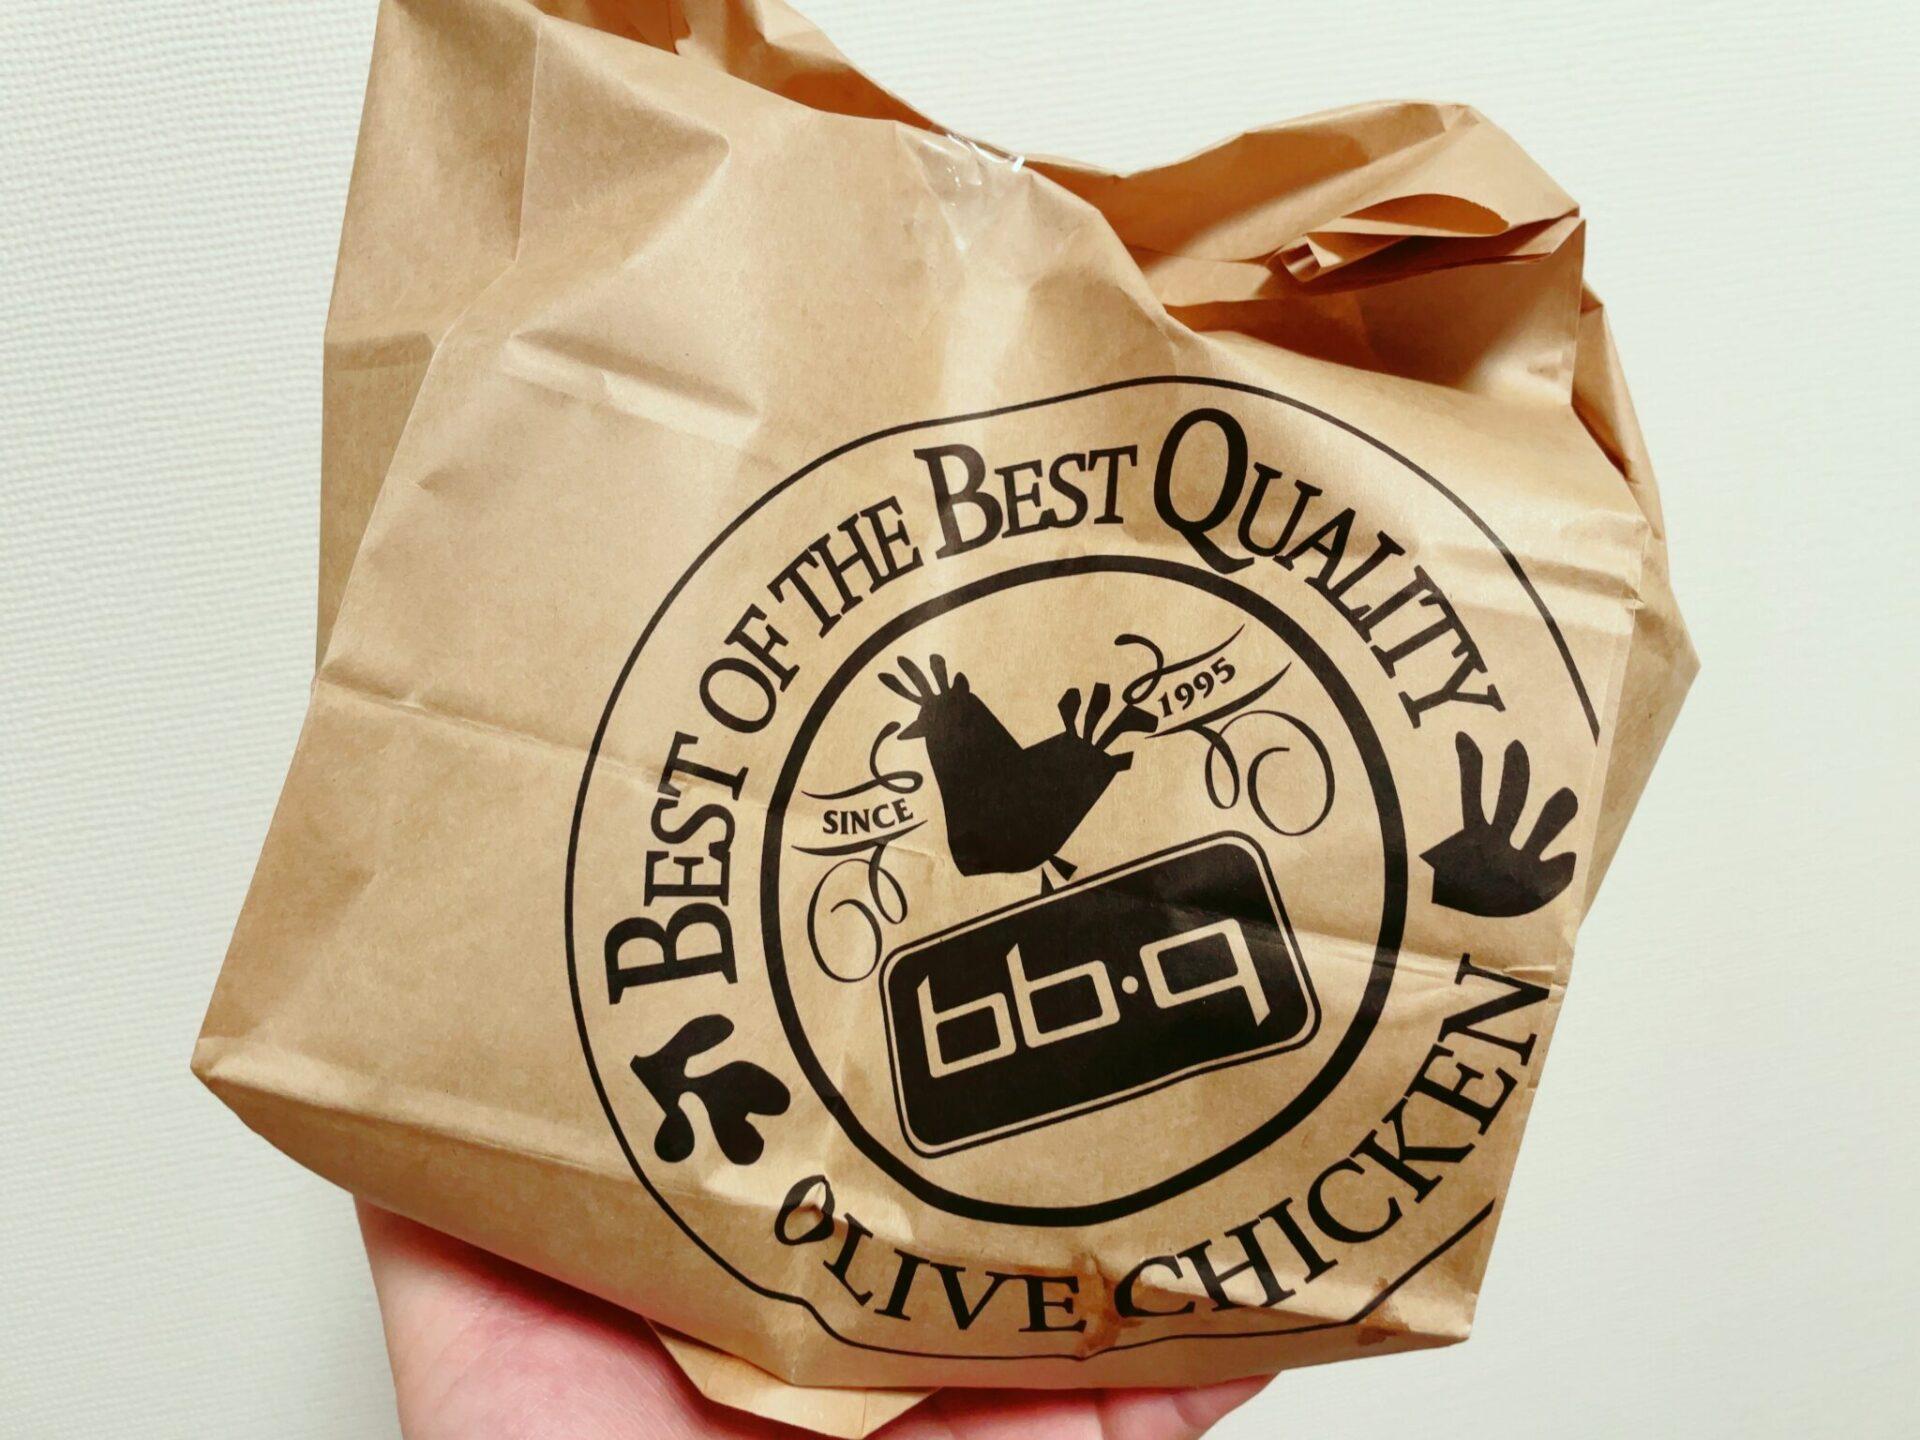 bb.qオリーブチキンカフェの紙袋・ロゴ